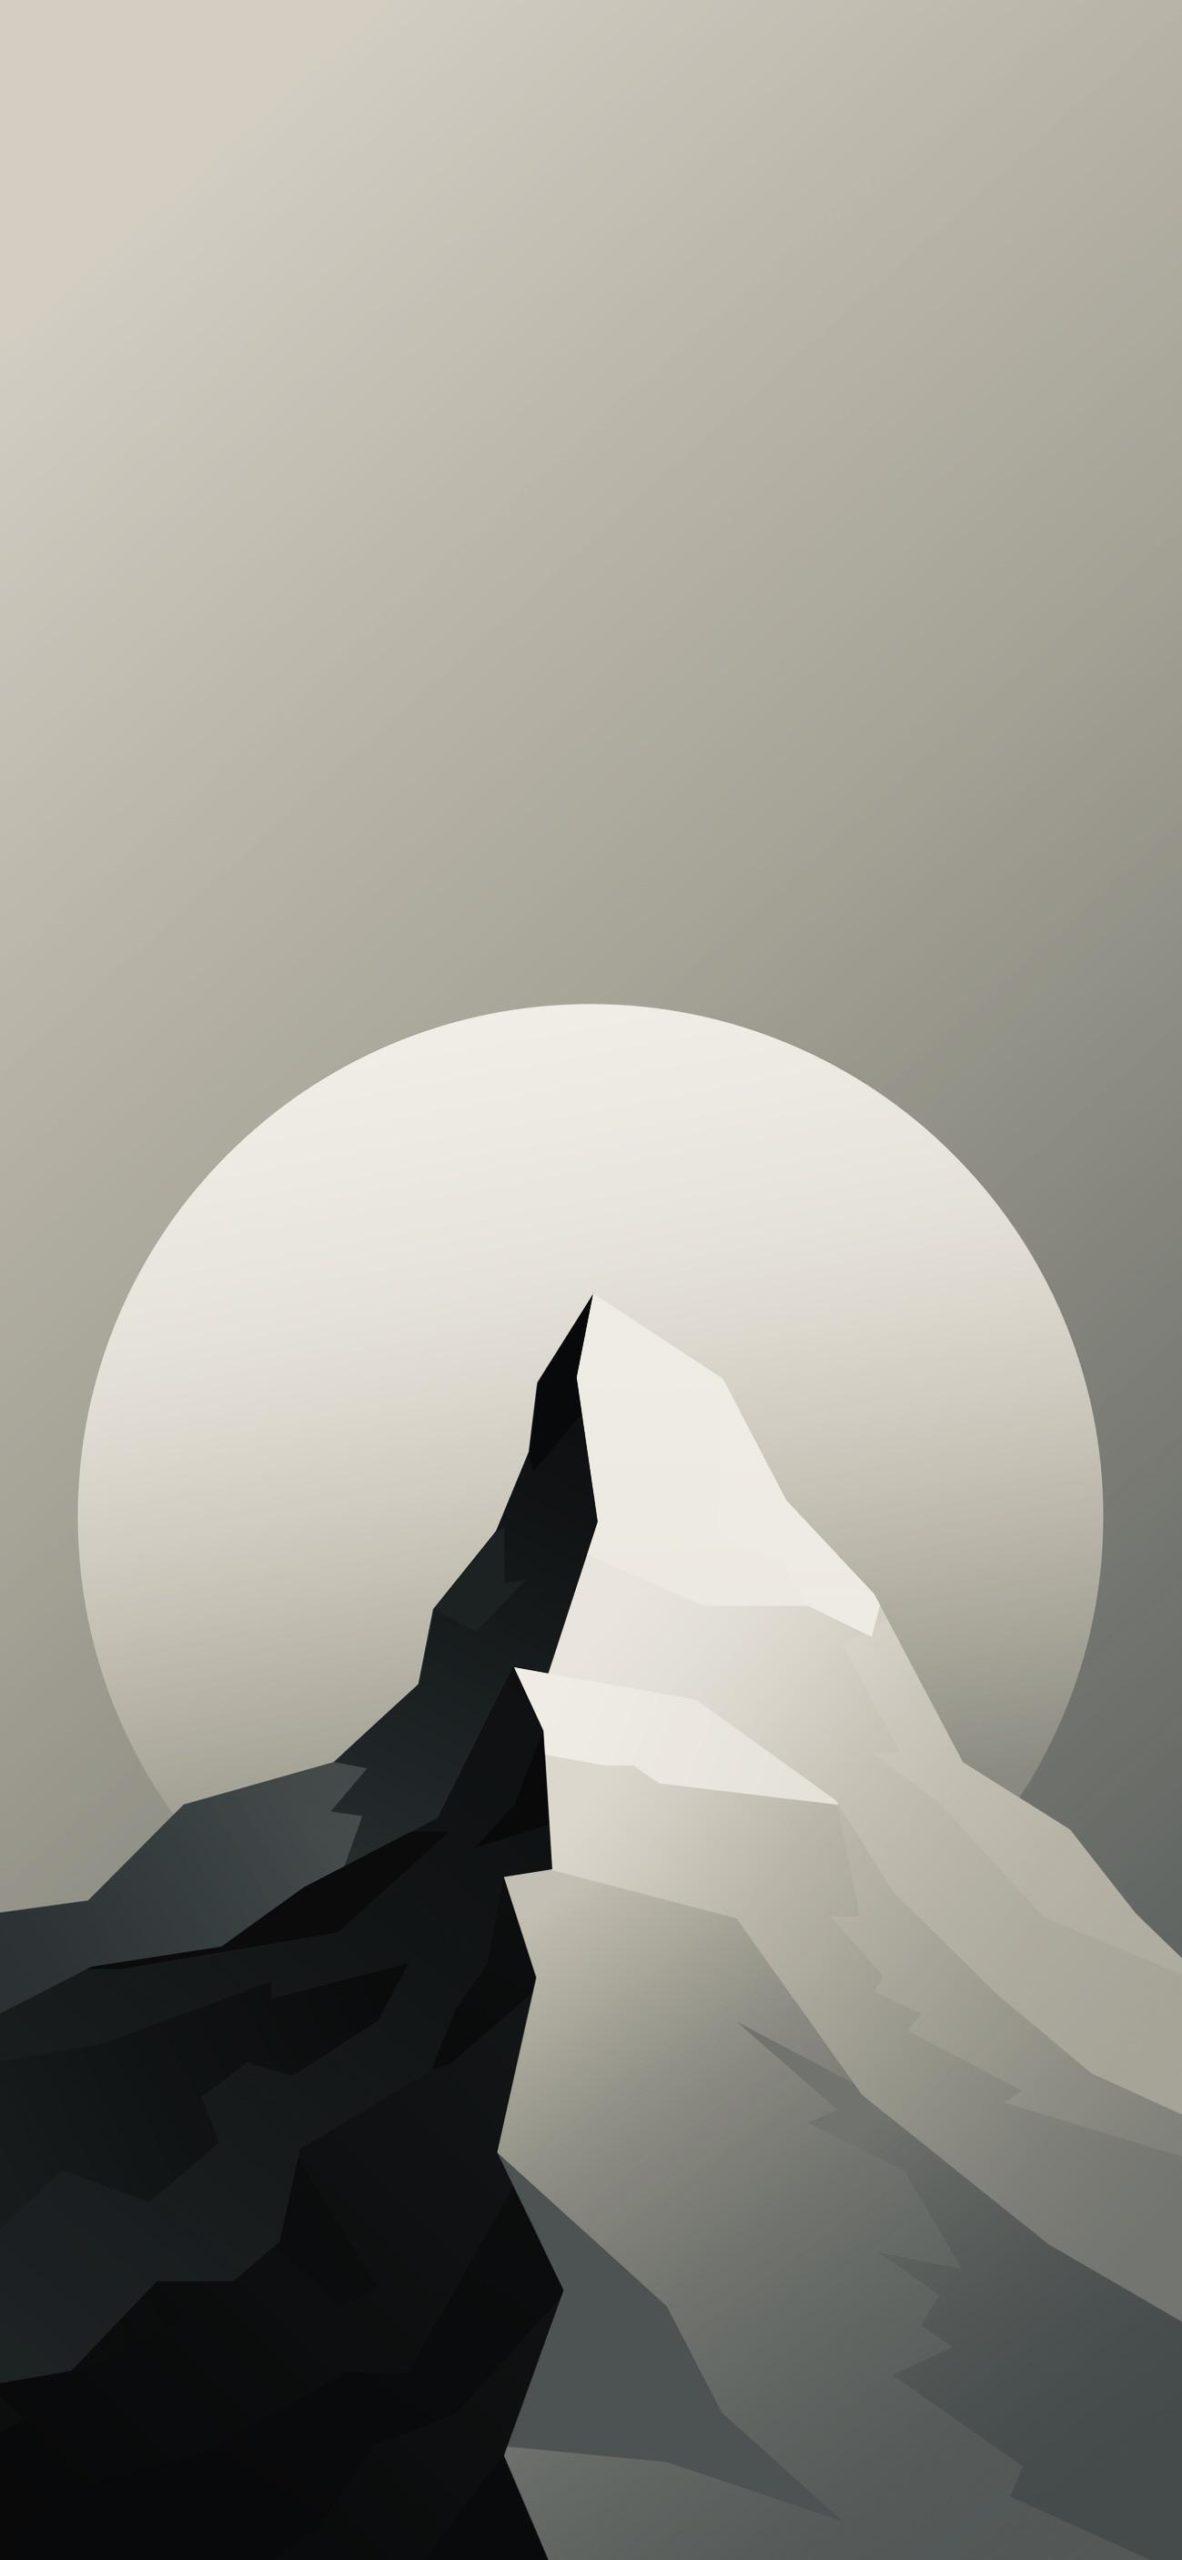 Чёрное и белое черно-белое солнце луна горы